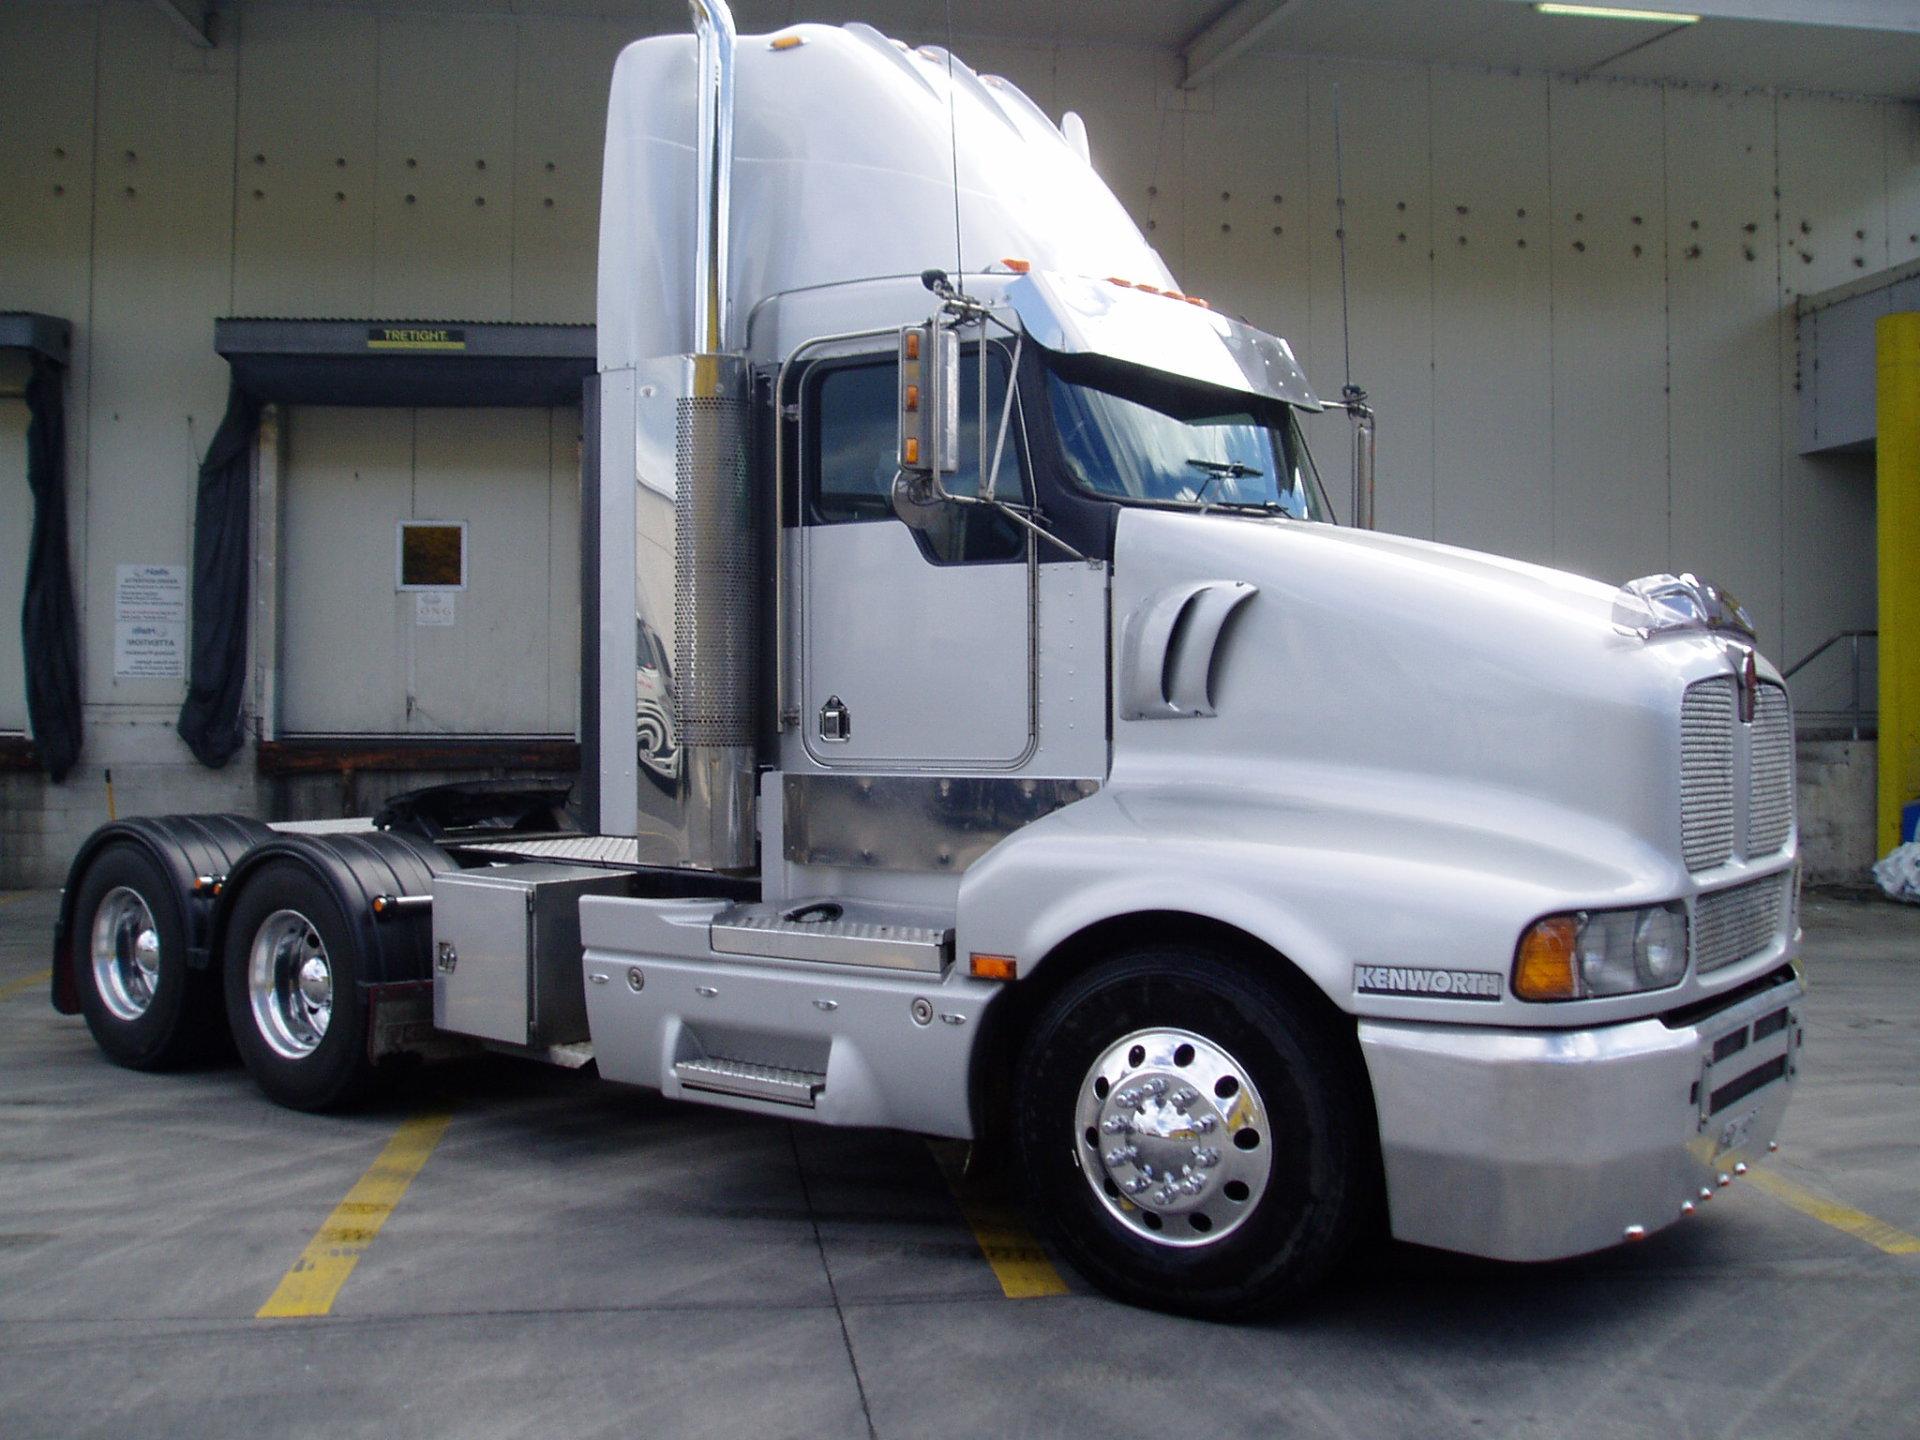 2005 T604 Kenworth